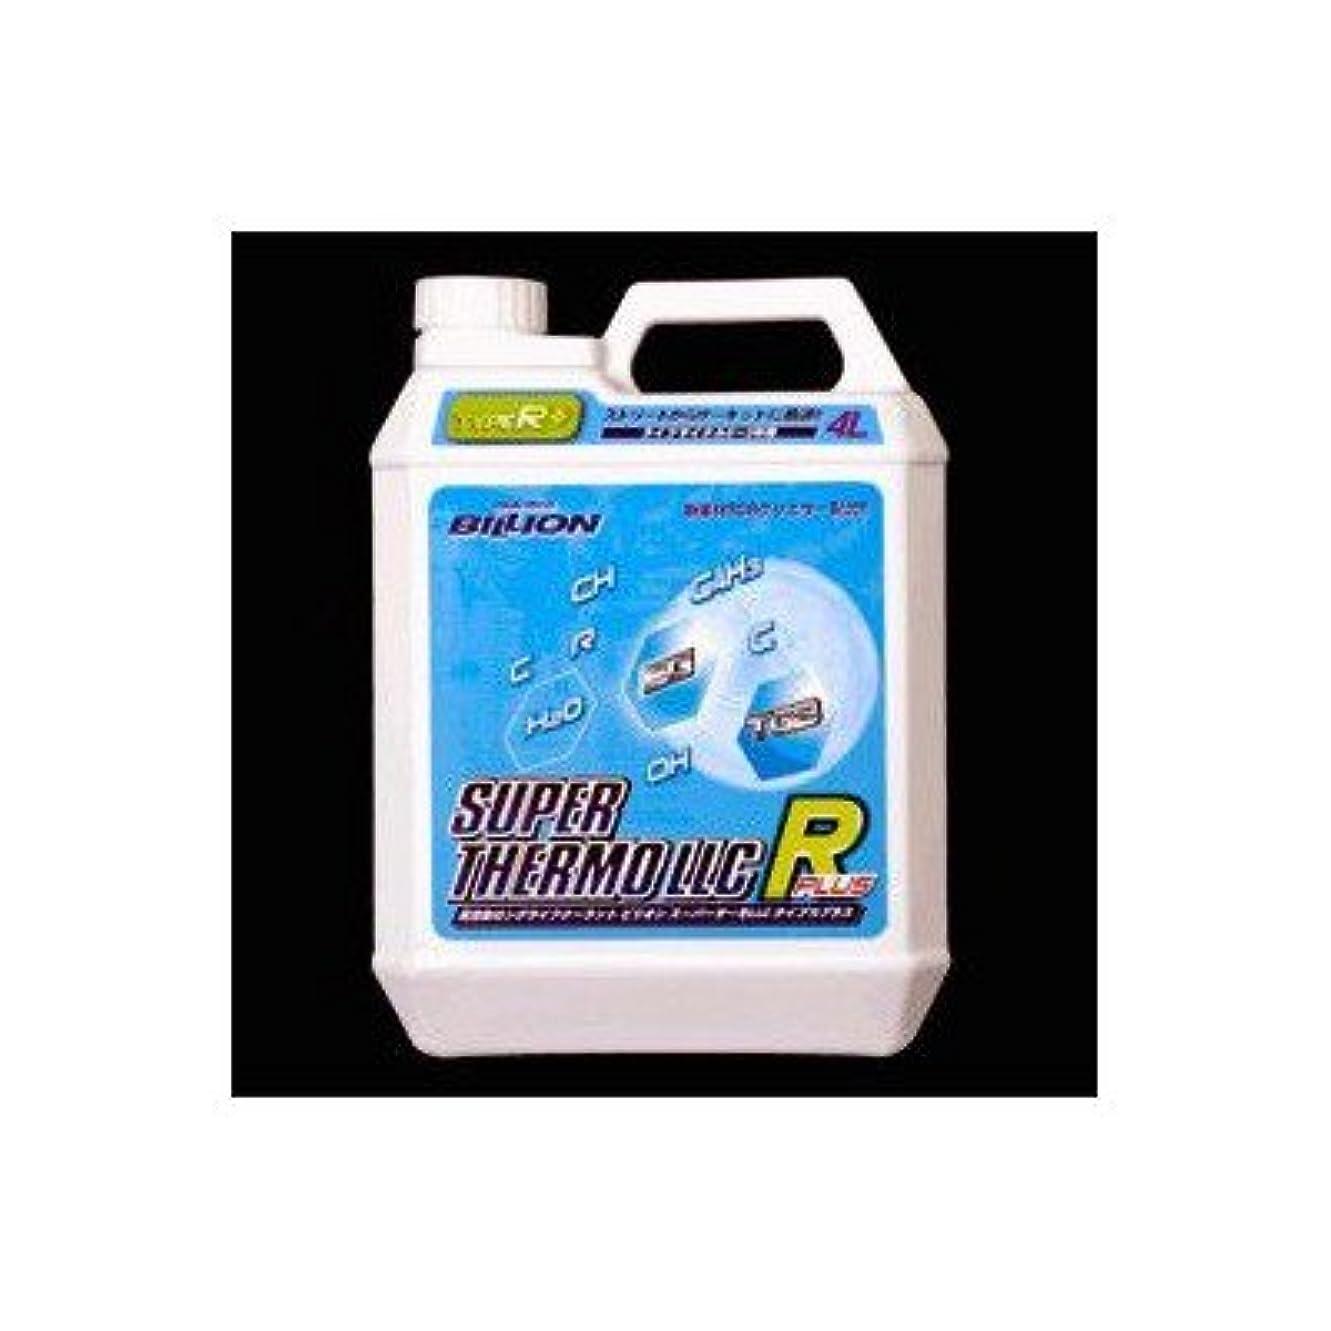 蓮不名誉な一般的なビリオン/BILLION スーパーサーモLLC タイプRプラス 4L BSL-RP04